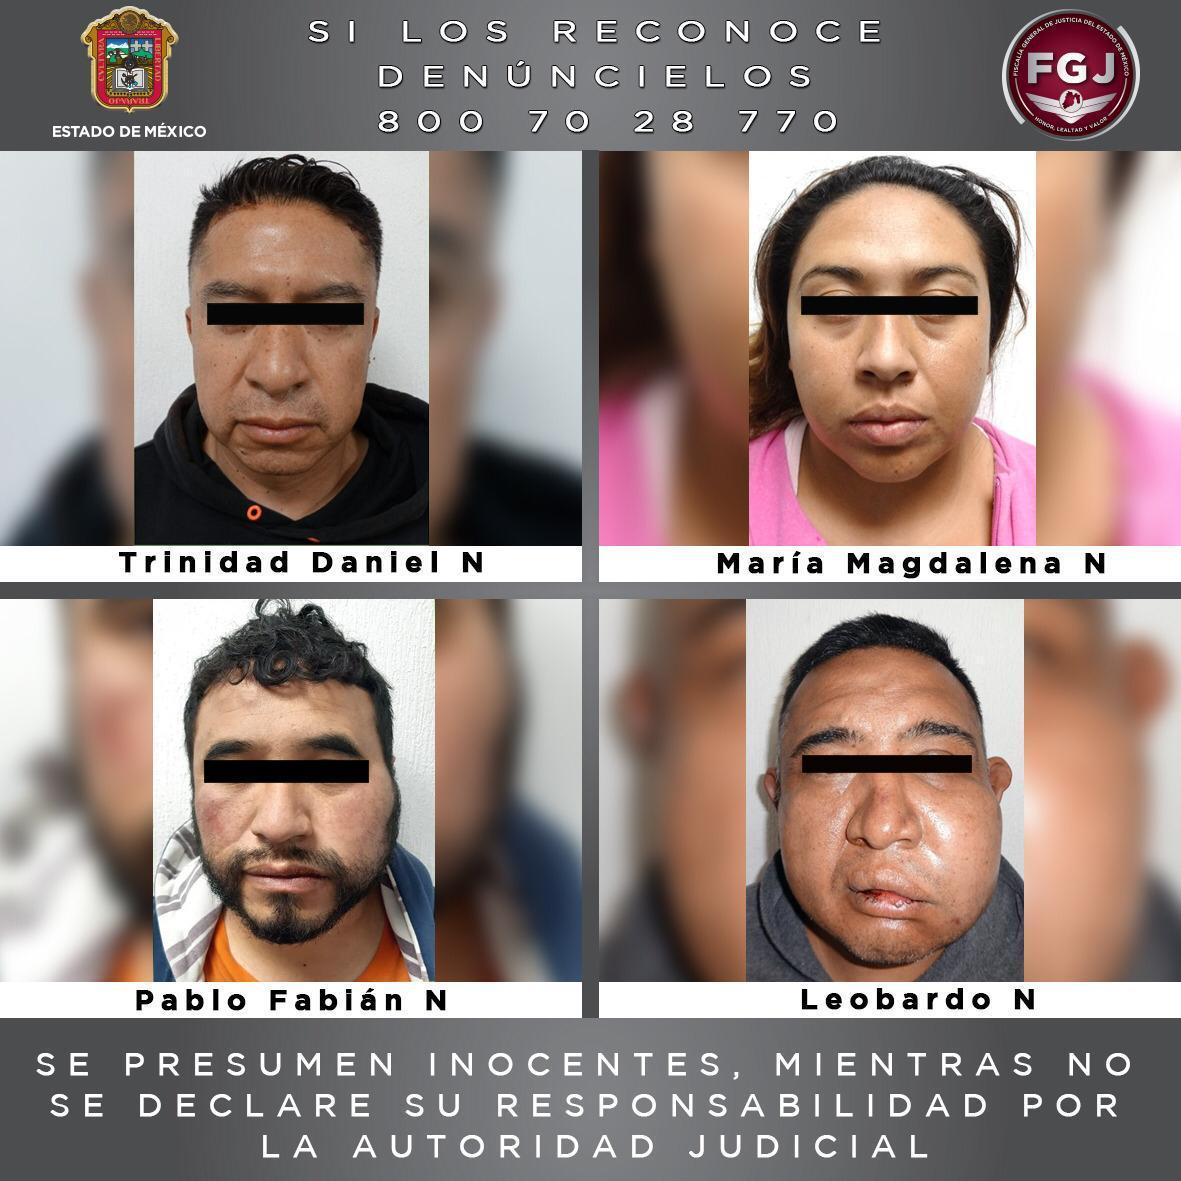 Rescatan a mujer que se encontraba secuestrada y detiene a cuatro personas durante operativo en Ecatepec